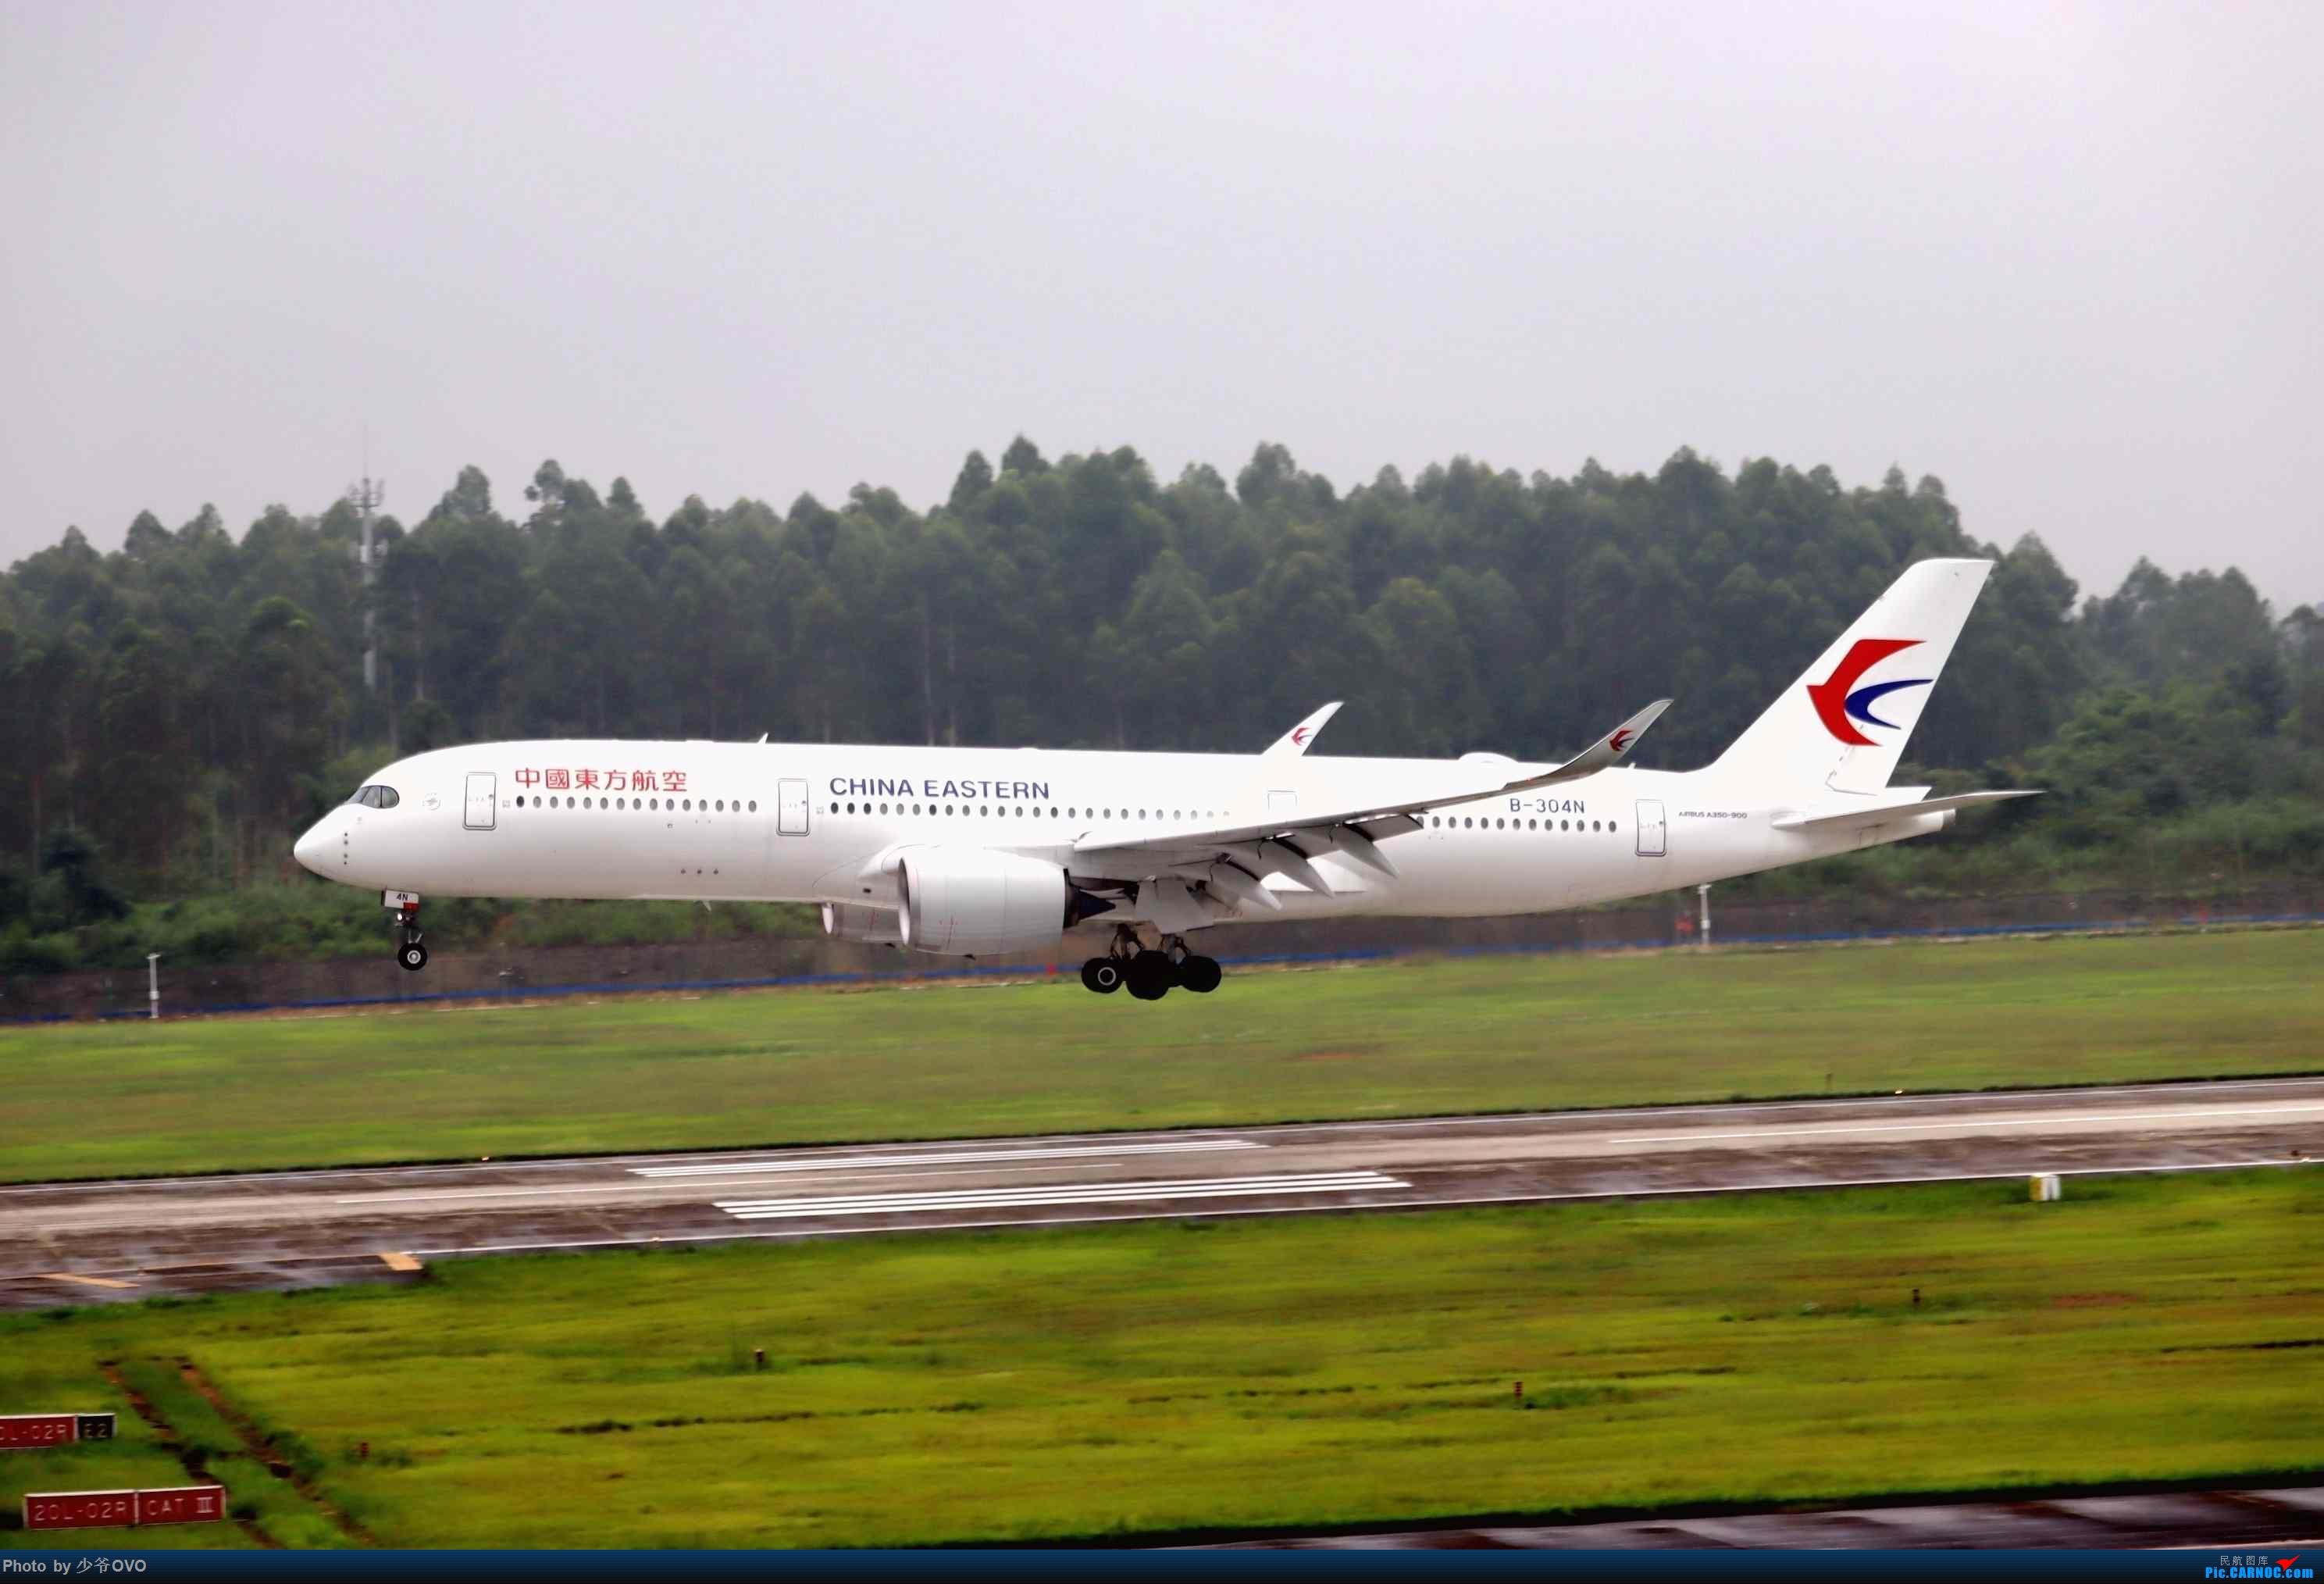 Re:[原创](2020.8.10)少爷的CTU拍机(厦门航空联合国787) AIRBUS A350-900 B-304N 中国成都双流国际机场